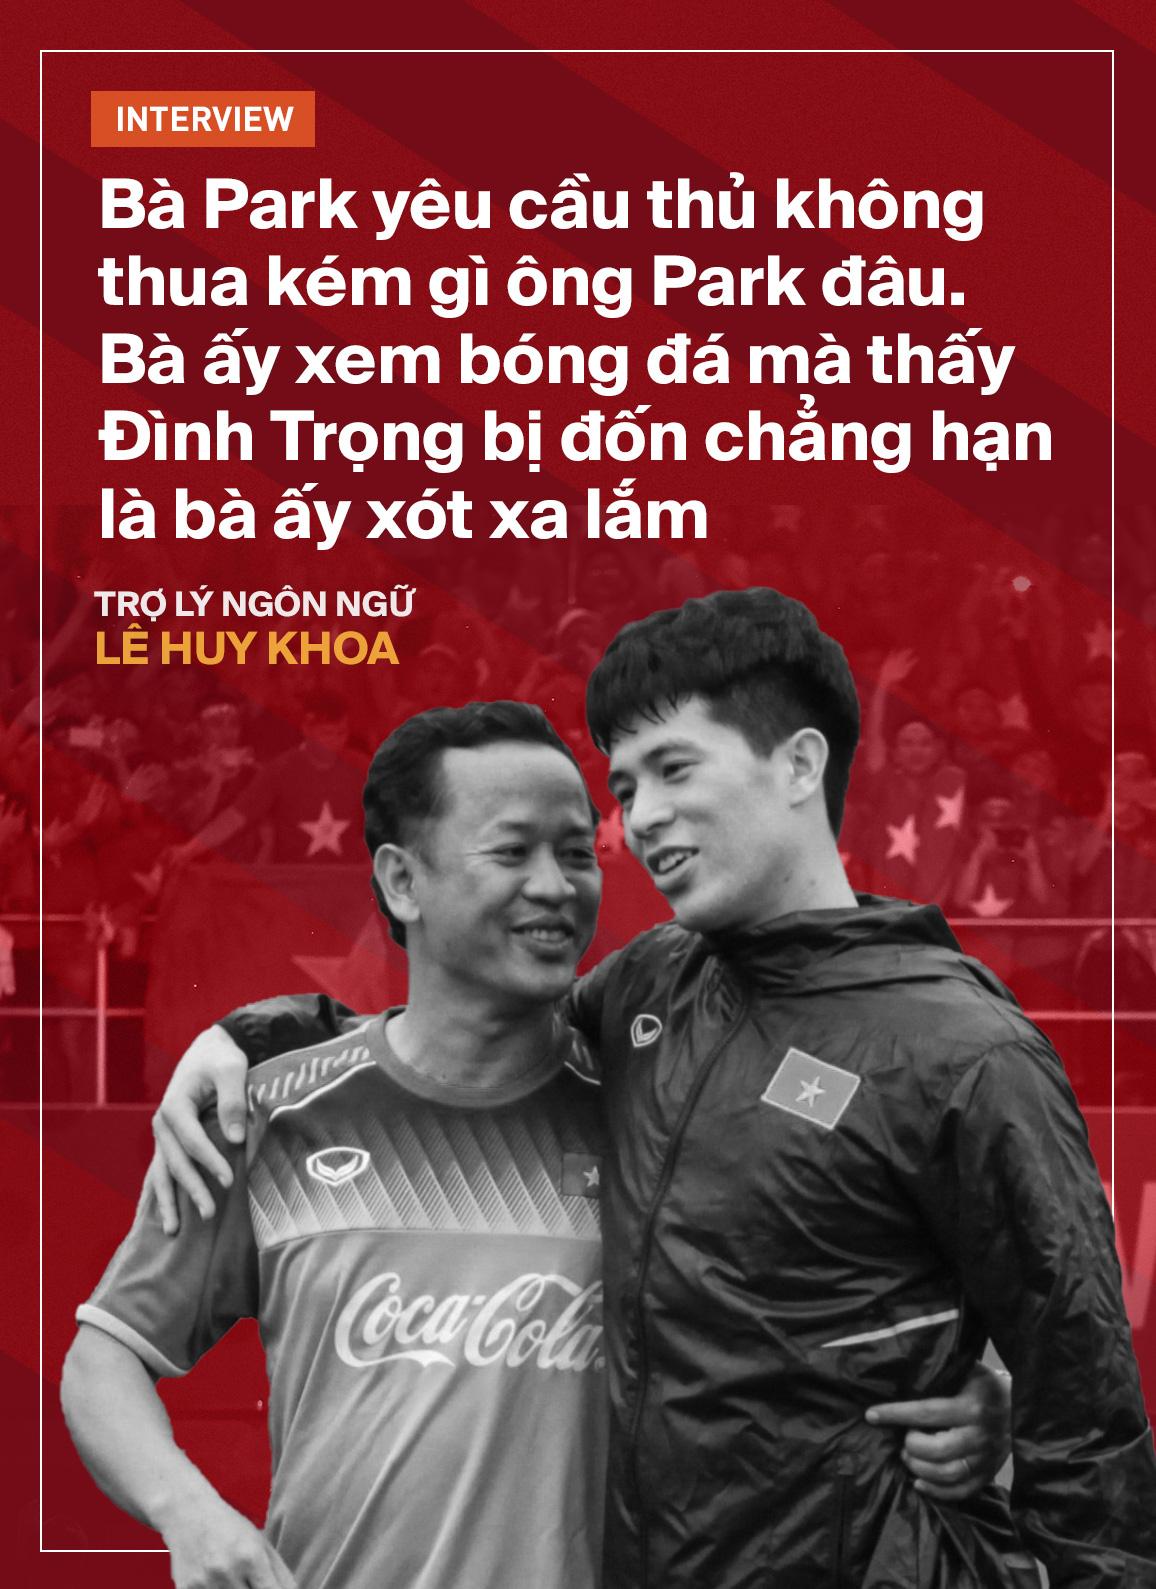 Trợ lý ngôn ngữ Lê Huy Khoa: Ông Park từng phát bực vì sự im lặng của cầu thủ Việt Nam - Ảnh 12.